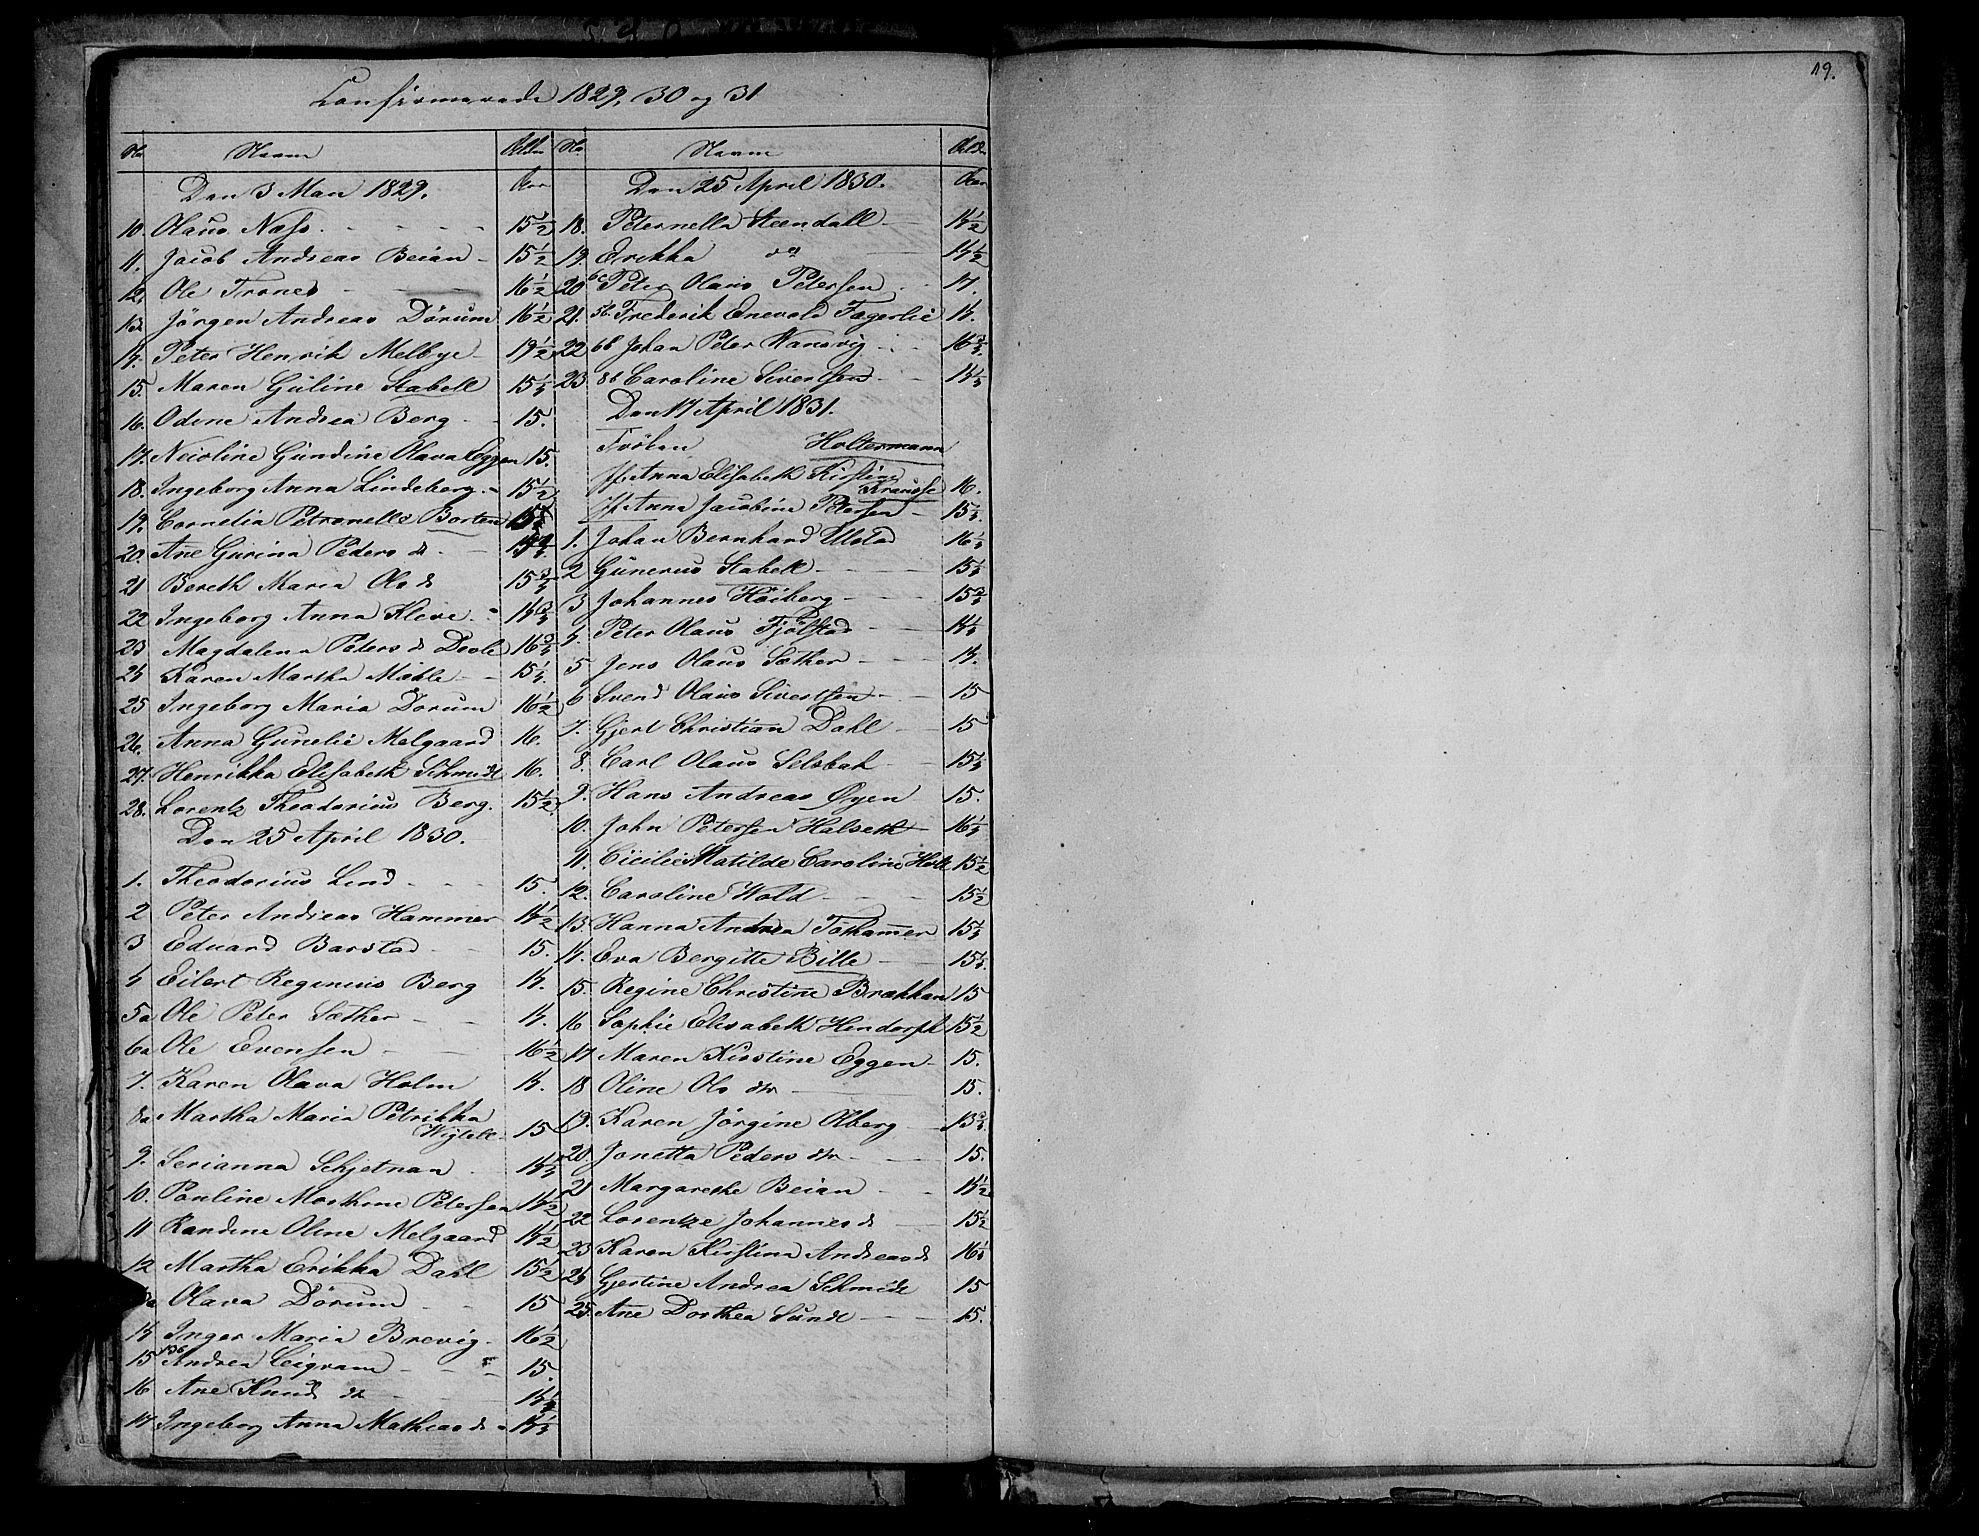 SAT, Ministerialprotokoller, klokkerbøker og fødselsregistre - Sør-Trøndelag, 604/L0182: Ministerialbok nr. 604A03, 1818-1850, s. 19